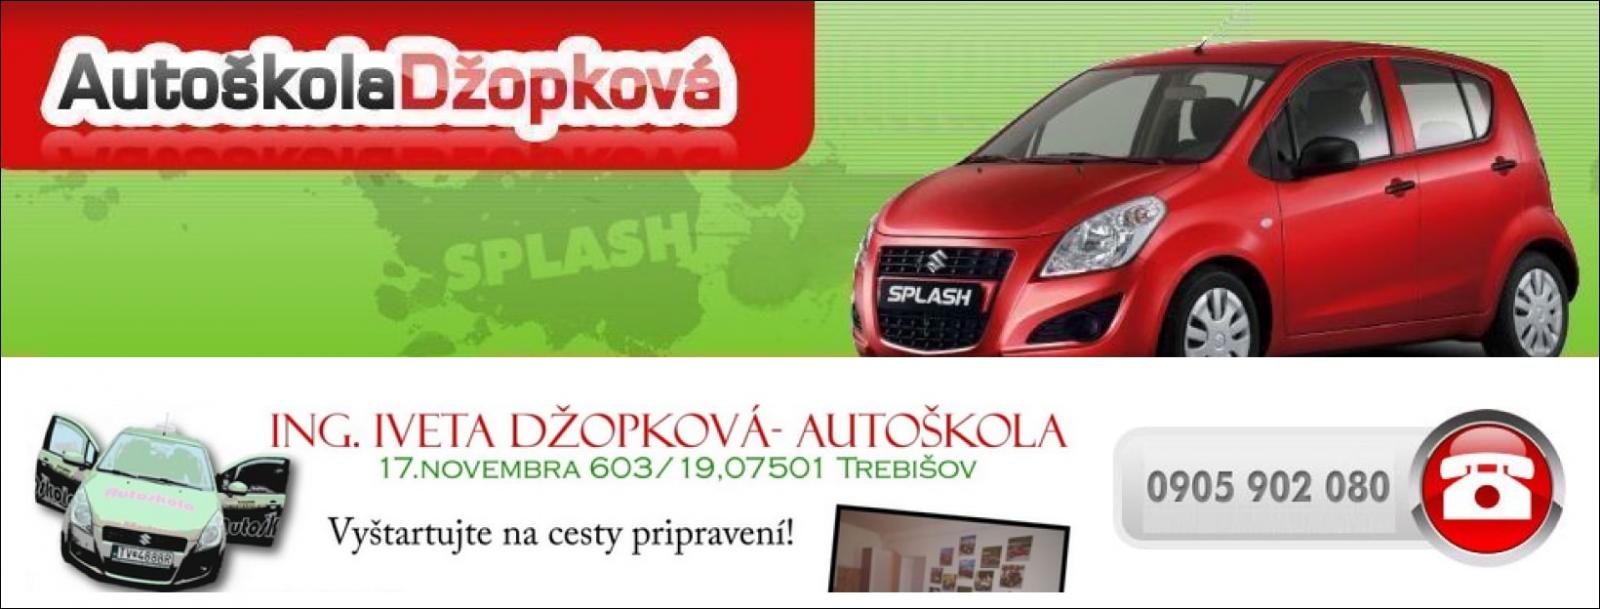 Autoškola Džopkova Trebišov - Autoškoly Slovenskej Republiky